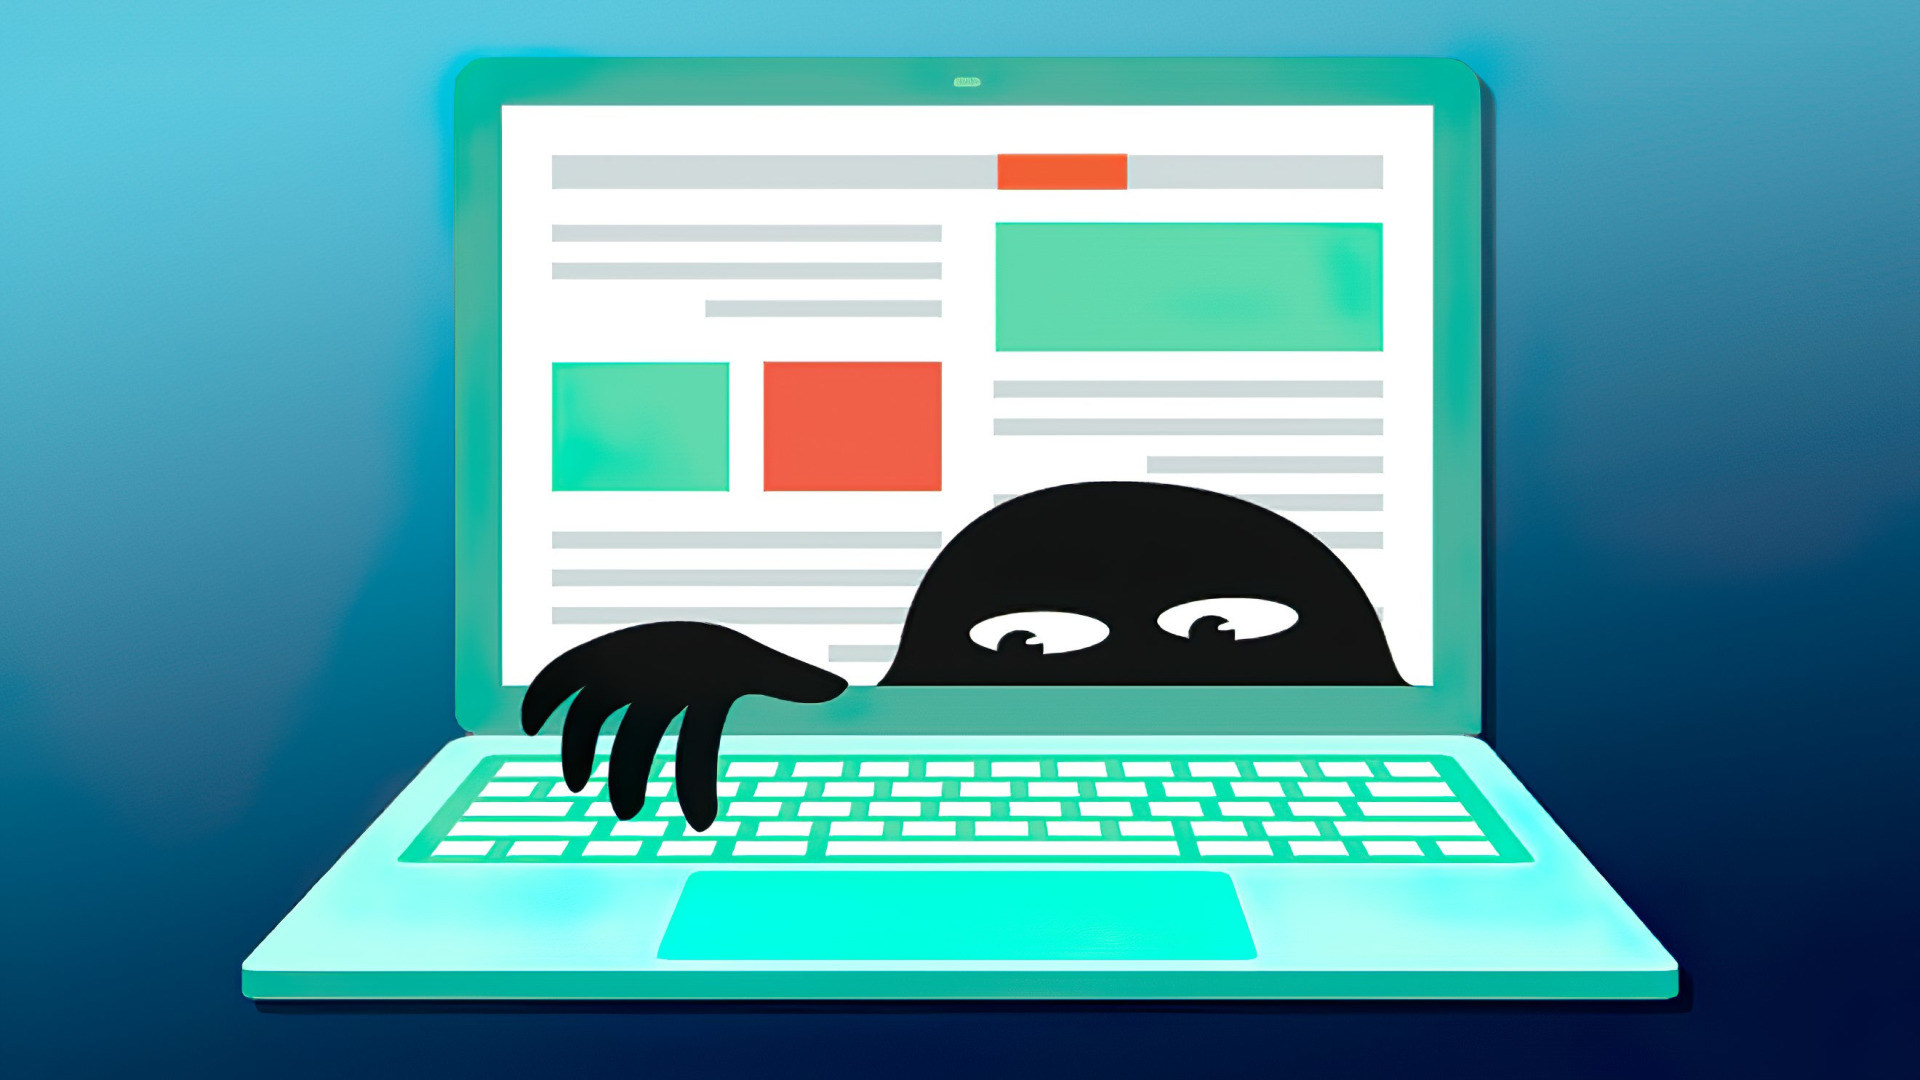 Sicherheit, Sicherheitslücke, Leak, Hacker, Malware, Security, Hack, Angriff, Bug, Trojaner, Virus, Kriminalität, Schadsoftware, Exploit, Cybercrime, Cybersecurity, Hacking, Spam, Hackerangriff, Ransomware, Phishing, Internetkriminalität, Erpressung, Ddos, Warnung, Hacken, Darknet, Hacker Angriffe, Hacker Angriff, Ransom, Attack, Hacks, Viren, Gehackt, Schädling, China Hacker, Adware, Russische Hacker, Error, Security Report, Crime, Malware Warnung, Security Bulletin, Promi-Hacker, Android Malware, Phisher, Secure, Breaking